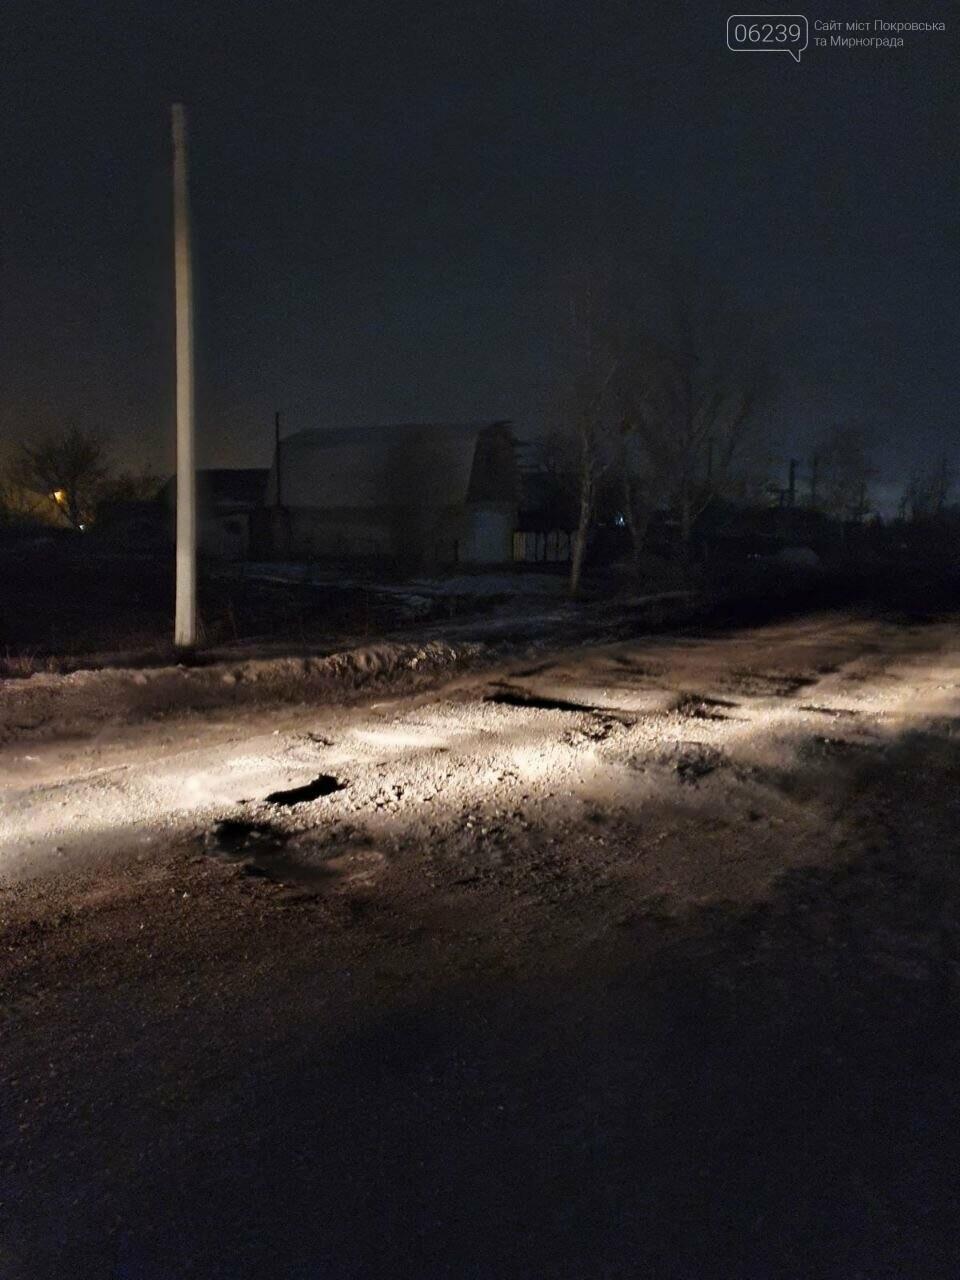 Попал в яму — сам виноват: копы составили протокол на водителя из Покровска, который, въехав в яму, повредил авто, фото-1